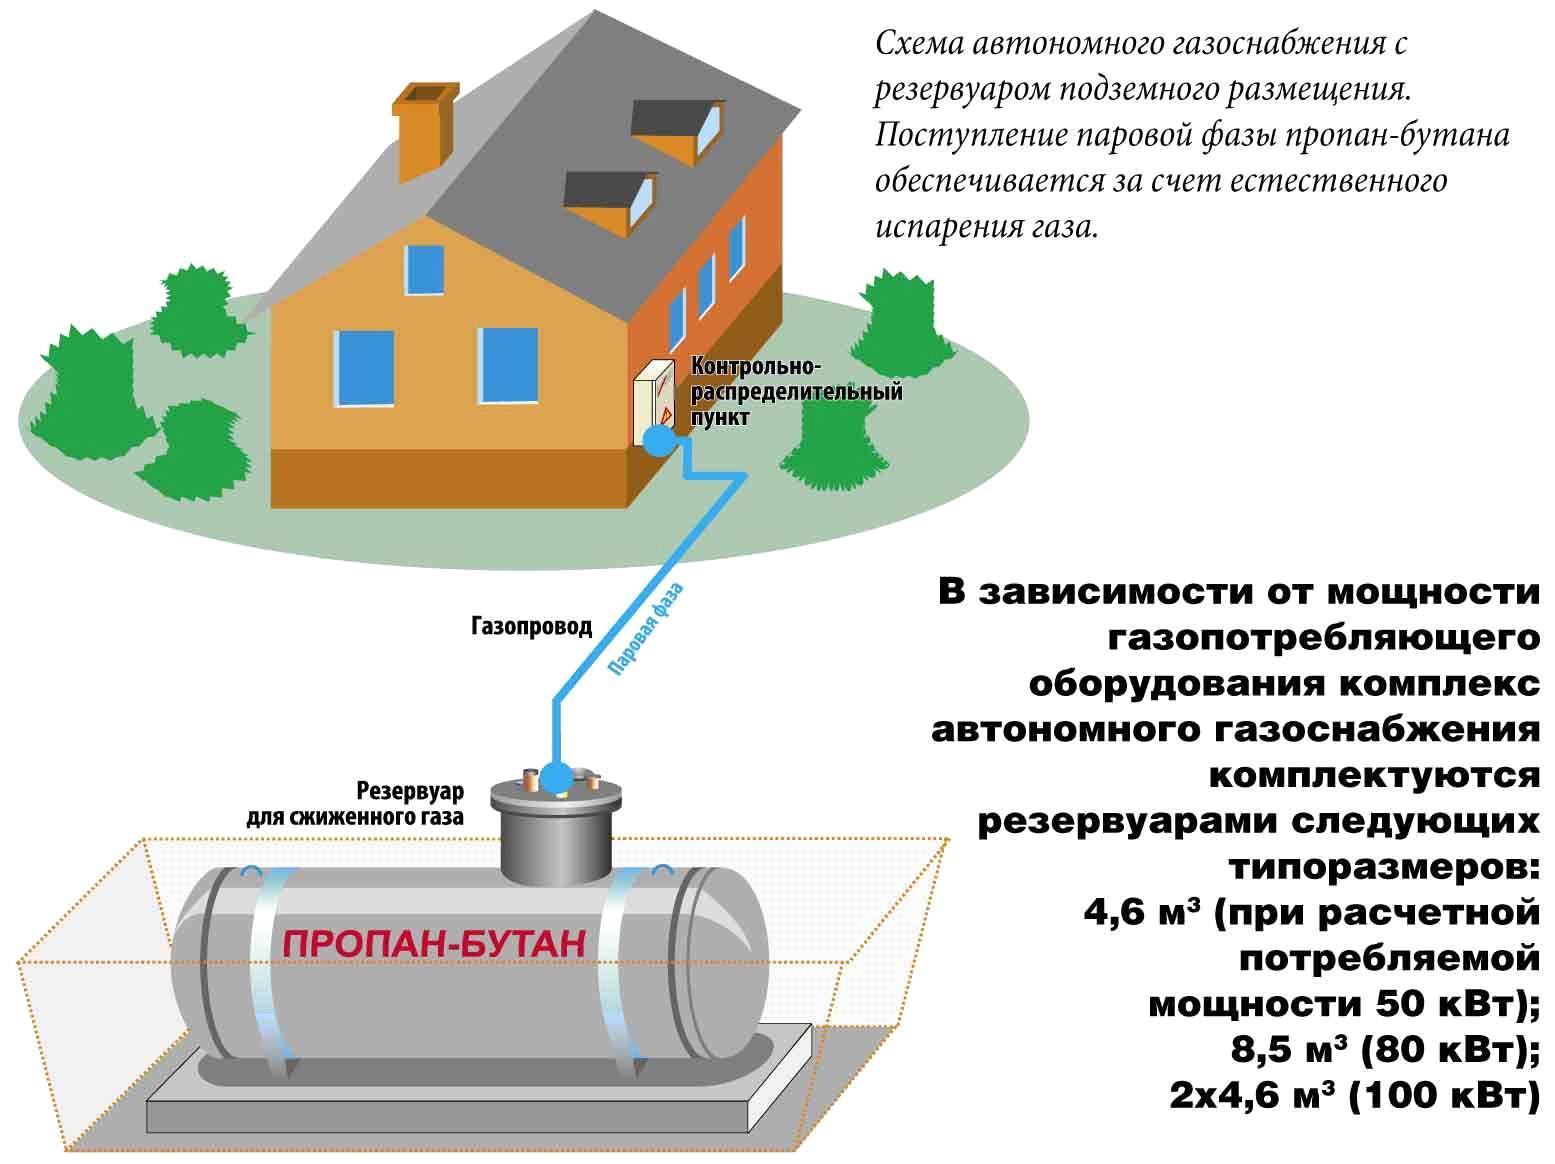 Схема автономного газоснабжения между подземным резервуаром и помещением